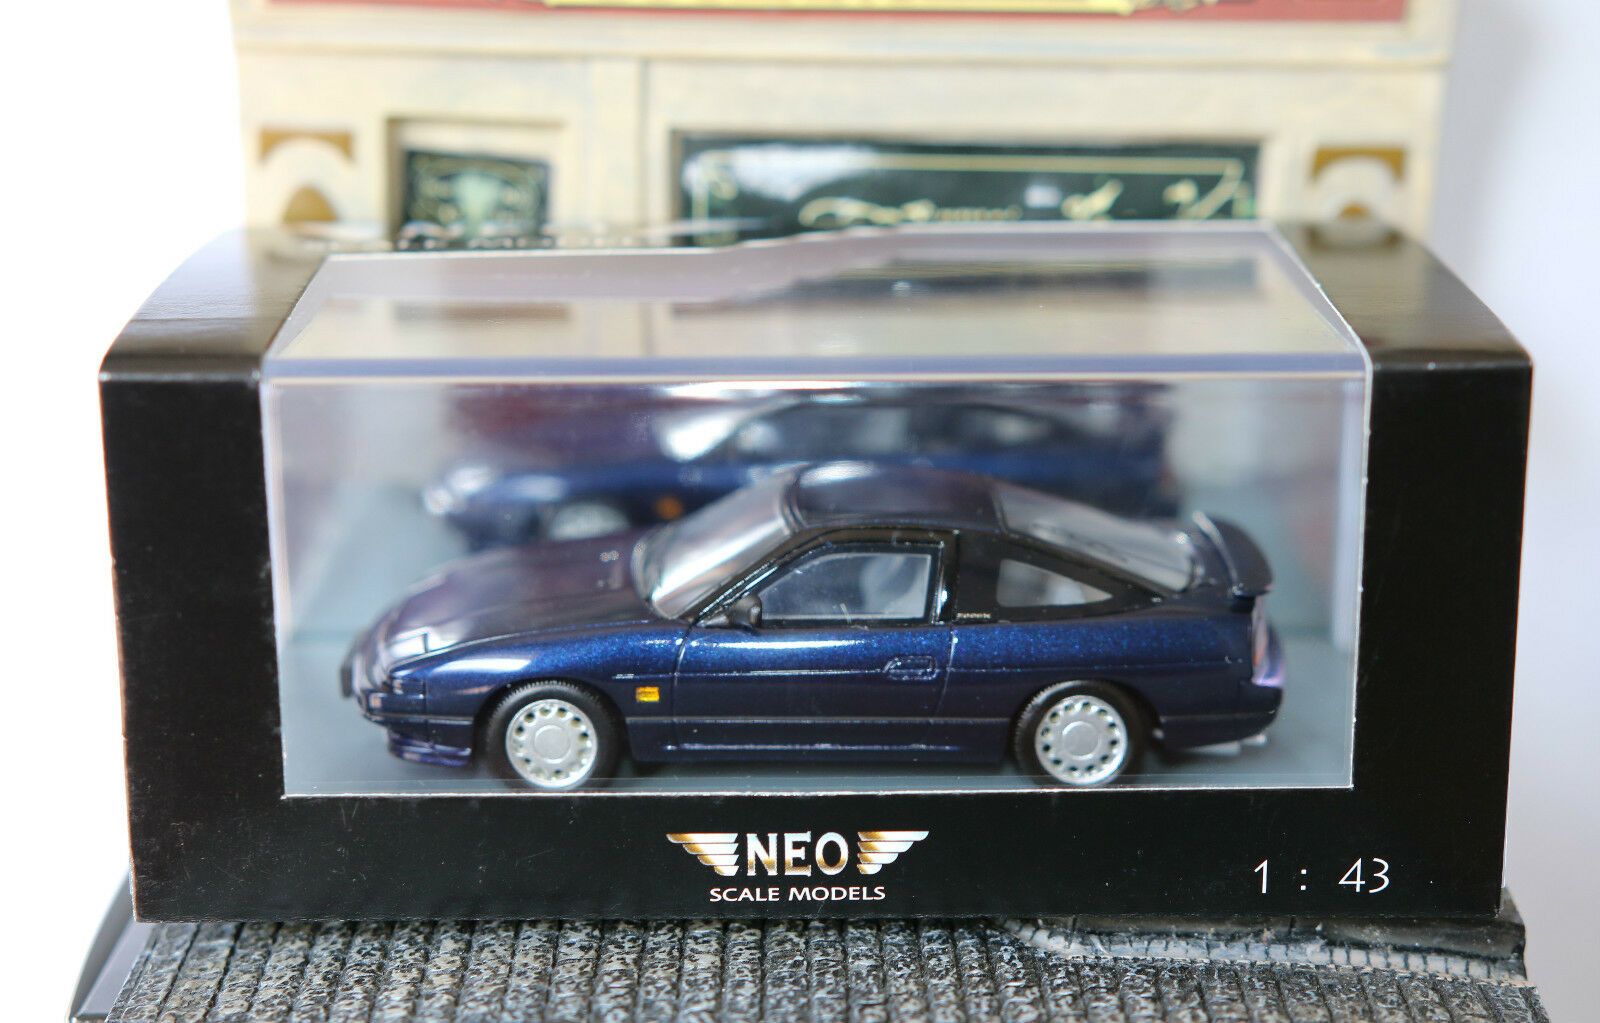 Nissan 200sx s13 metall dunkelblau 1991 neo - 44527 1   43 unerläßlich linksgelenkten blau